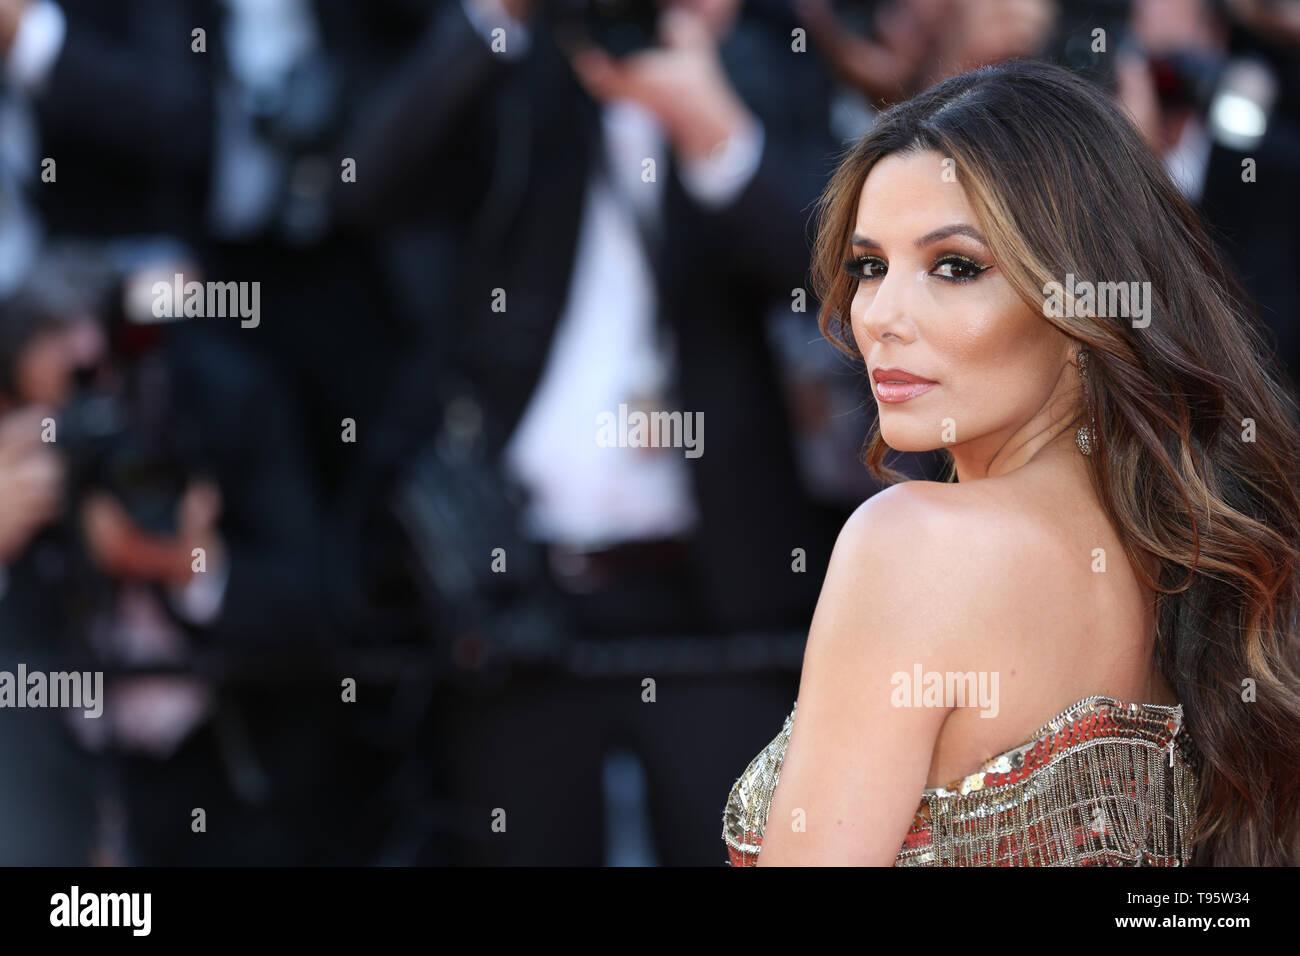 CANNES, Francia - 16 de mayo: Eva Longoria asiste a la proyección de 'Rocket Man' durante la 72ª edición del Festival de Cannes (Crédito: Mickael Chavet/Proyecto Amanecer/Alamy Live News) Foto de stock